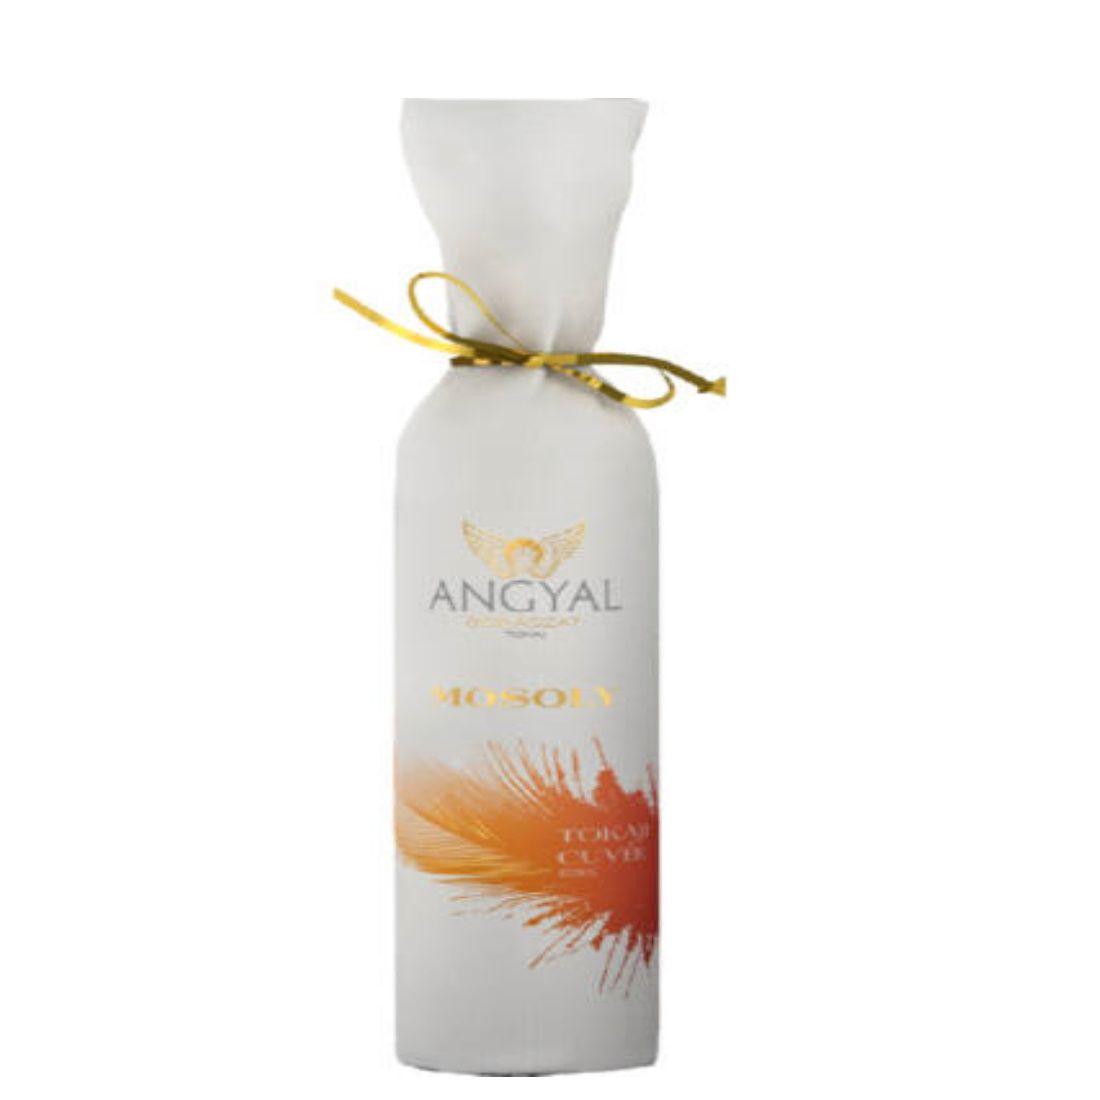 Angyal Mosoly Tokaji Cuvée diszcsomagolásban 2018 0,5l